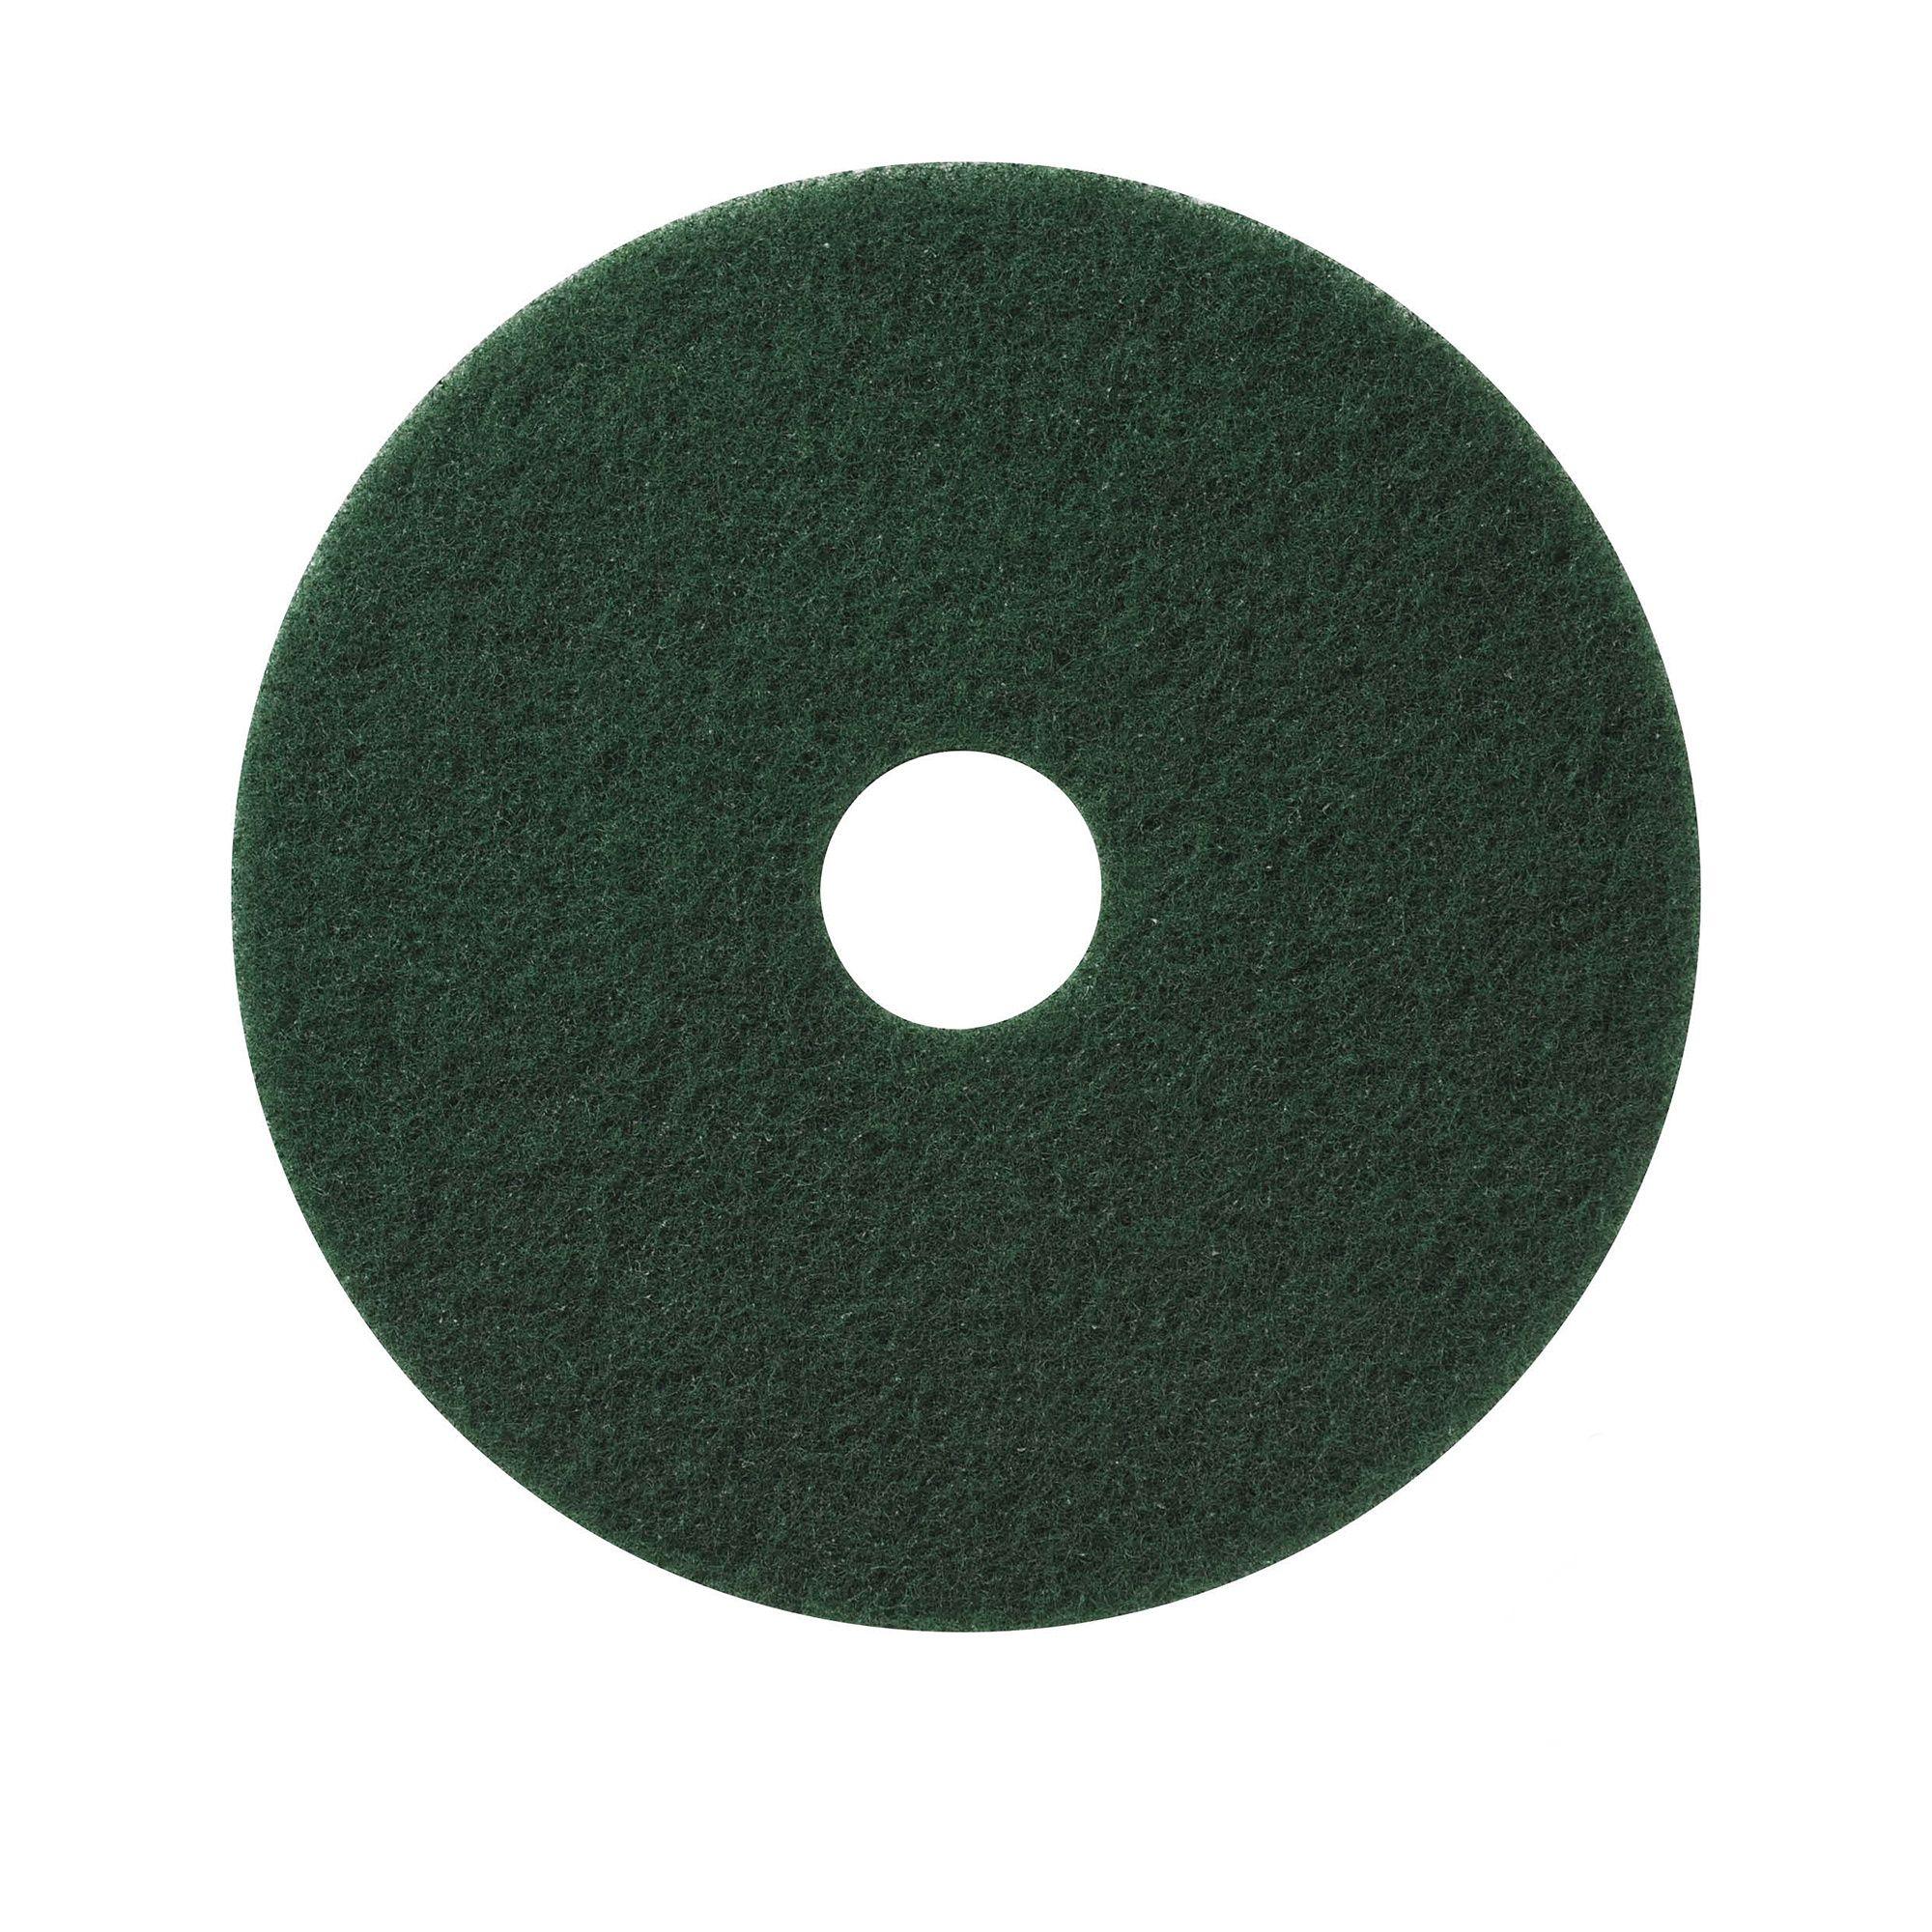 NuPad groen (zwaar schrobben), per 5 stuks, 14 inch / 355 mm